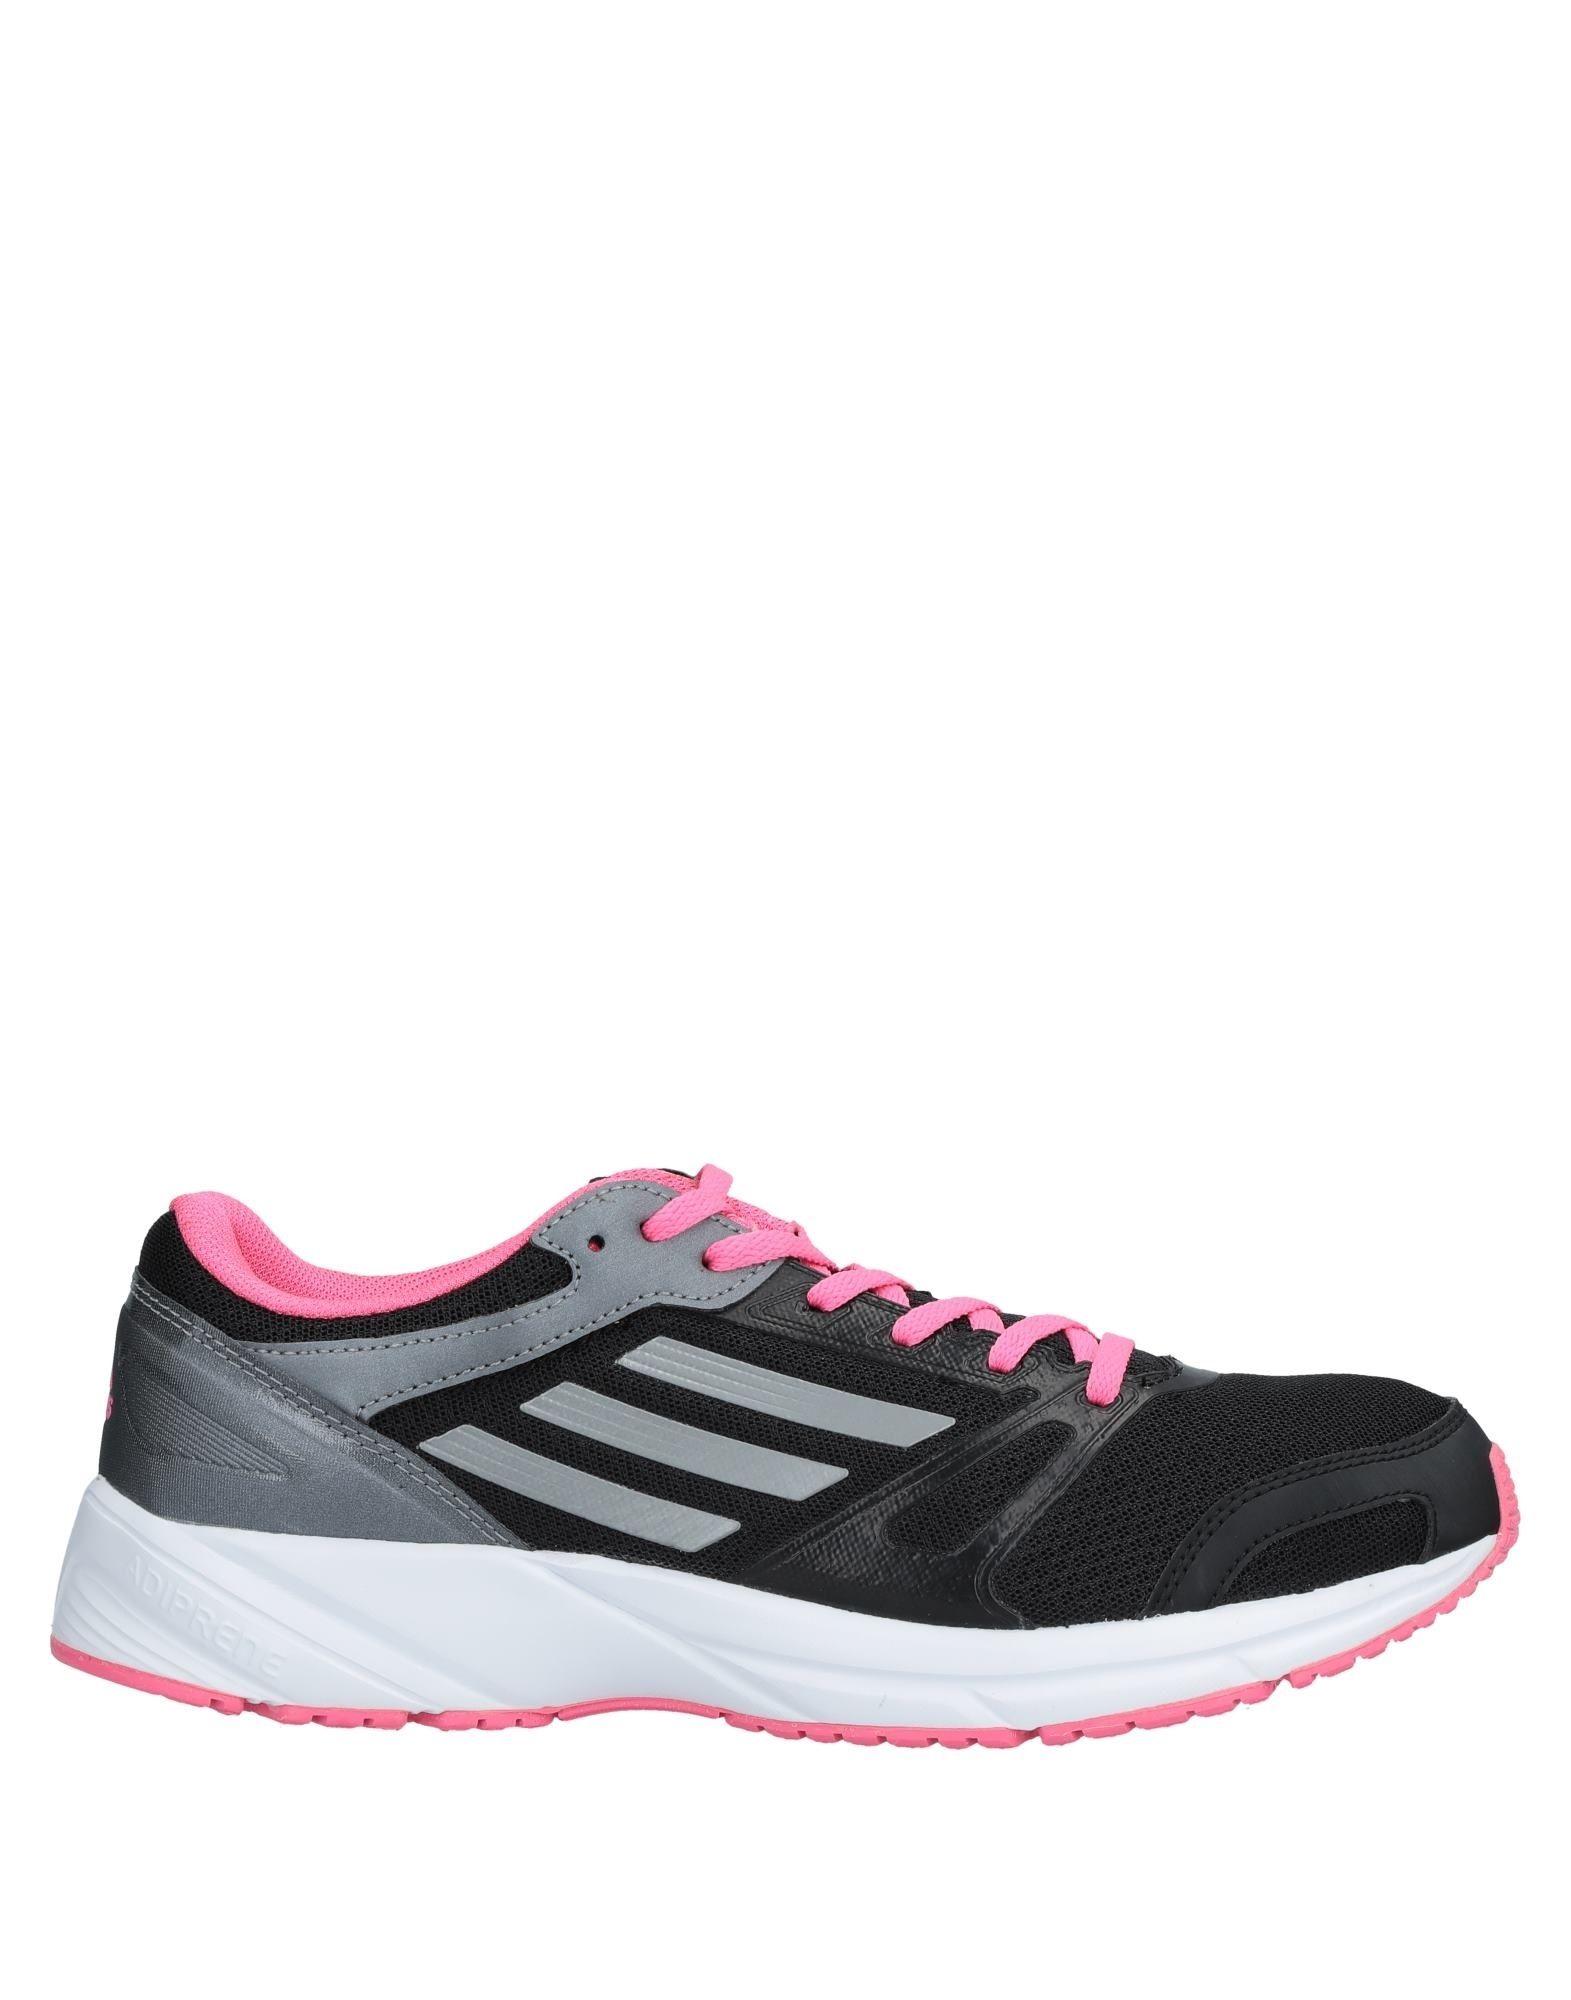 Adidas Sneakers Damen  11504744LB Gute Qualität beliebte Schuhe